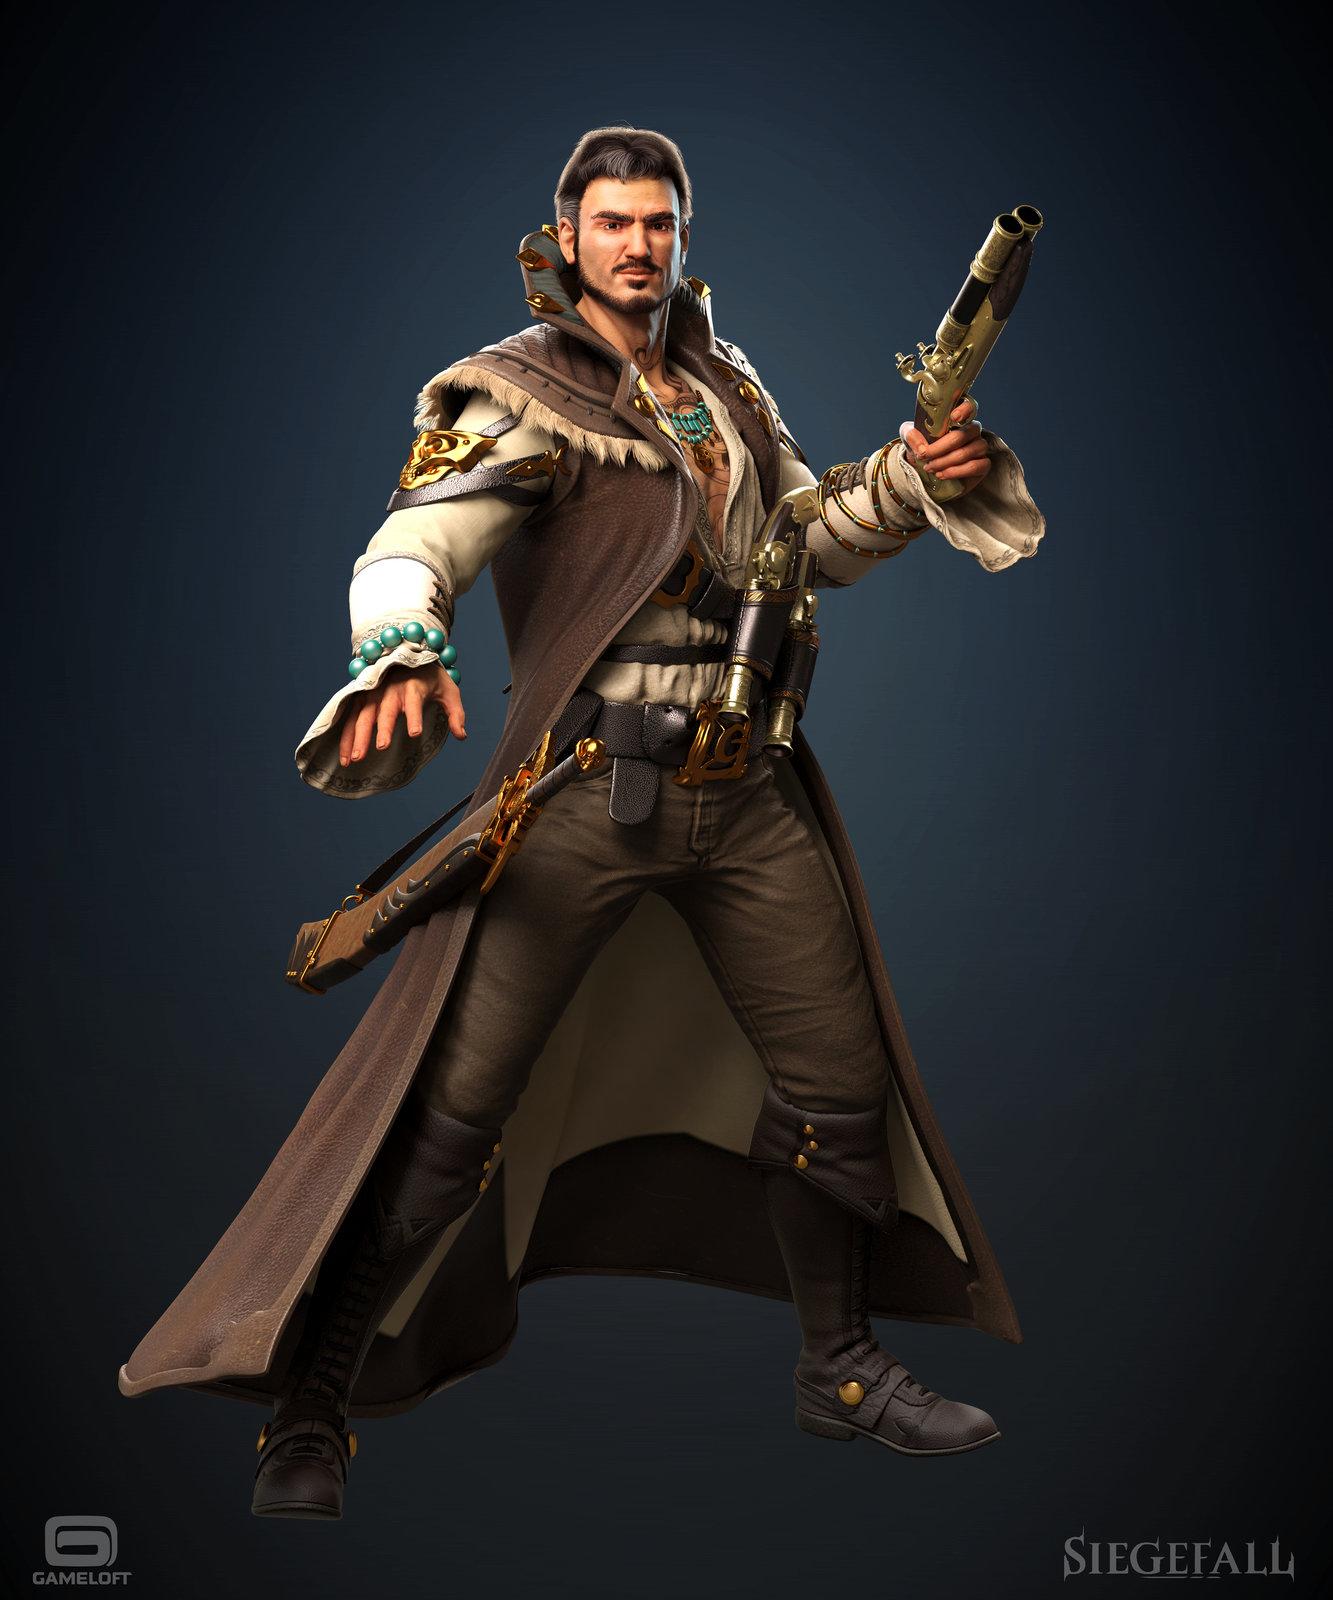 Siegefall - Captain Mandroza